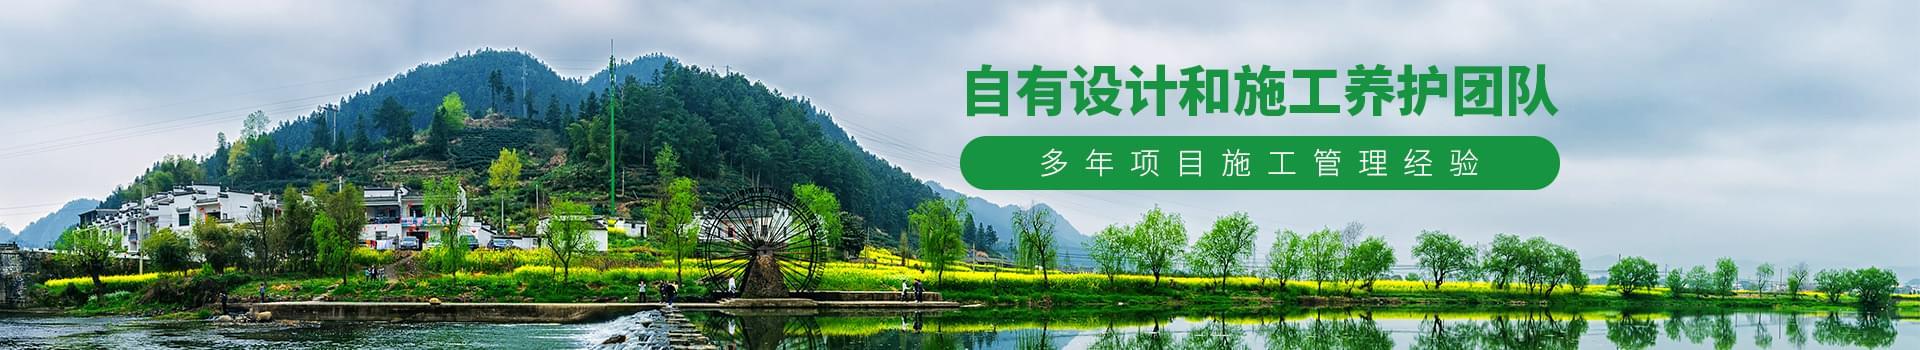 提升绿化度, 哥利园林用心铸造绿色